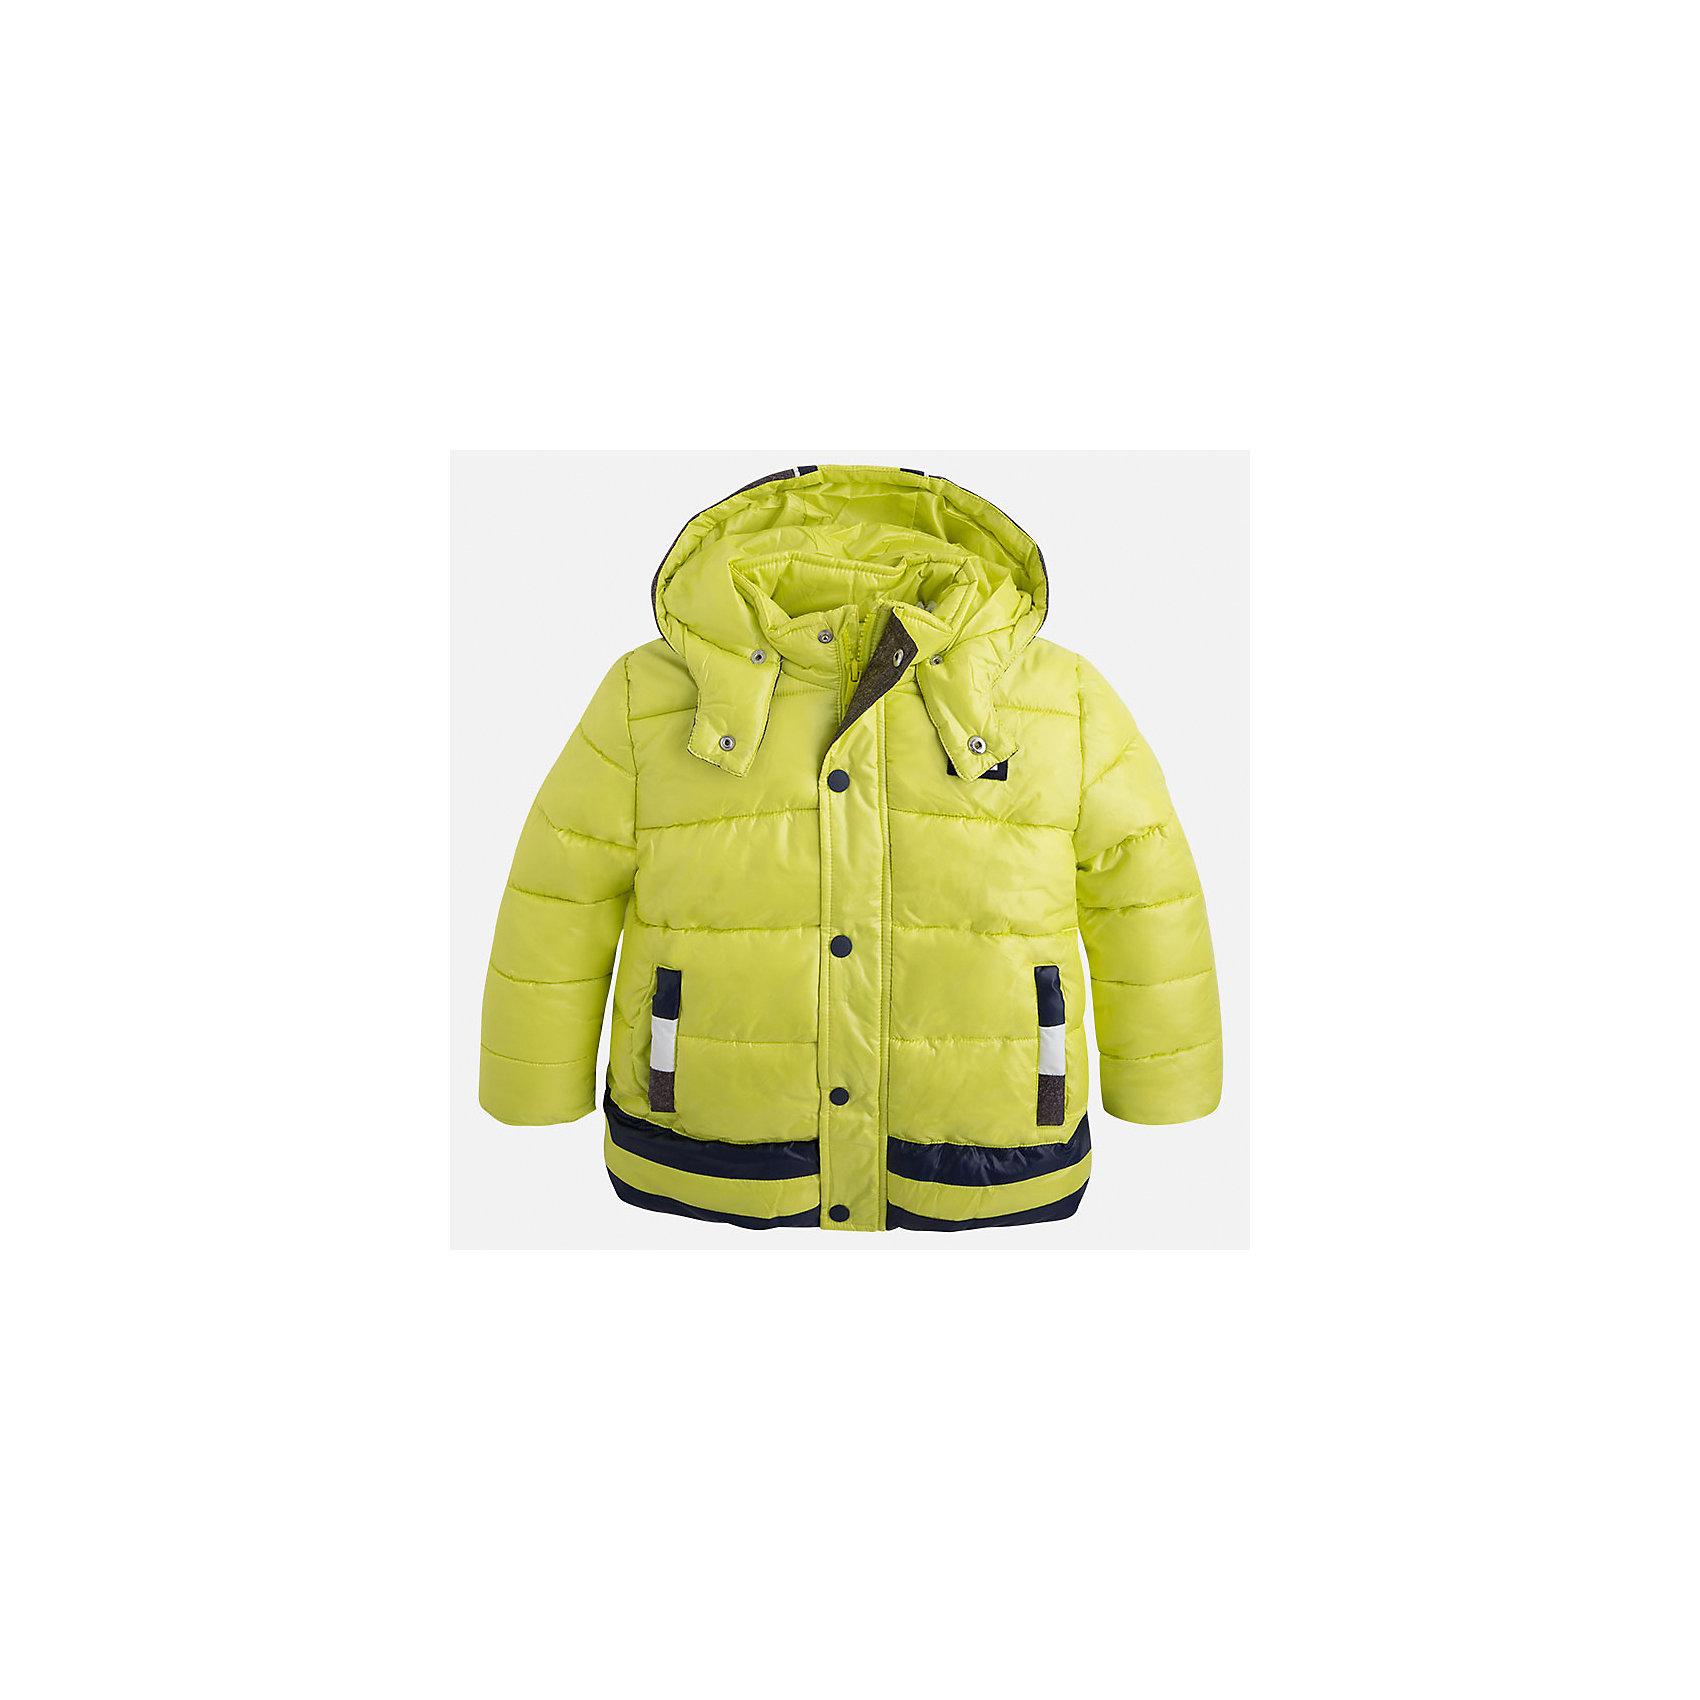 Куртка для мальчика MayoralВерхняя одежда<br>Стильная, теплая осенняя куртка для юного джентльмена!<br>Порадуйте своего ребенка хорошим подарком!<br><br>Дополнительная информация:<br><br>- Крой: прямой крой, удлиненная модель.<br>- Страна бренда: Испания.<br>- Состав: <br>Верхняя ткань: полиэстер 100%.<br>Подкладка: полиэстер 100%.<br>Наполнитель: полиэстер 100%.<br>- Цвет: лимонный.<br>- Уход: бережная стирка при 30 градусах.<br><br>Купить куртку для мальчика Mayoral можно в нашем магазине.<br><br>Ширина мм: 356<br>Глубина мм: 10<br>Высота мм: 245<br>Вес г: 519<br>Цвет: желтый<br>Возраст от месяцев: 24<br>Возраст до месяцев: 36<br>Пол: Мужской<br>Возраст: Детский<br>Размер: 98,134,128,122,116,110,104<br>SKU: 4821961